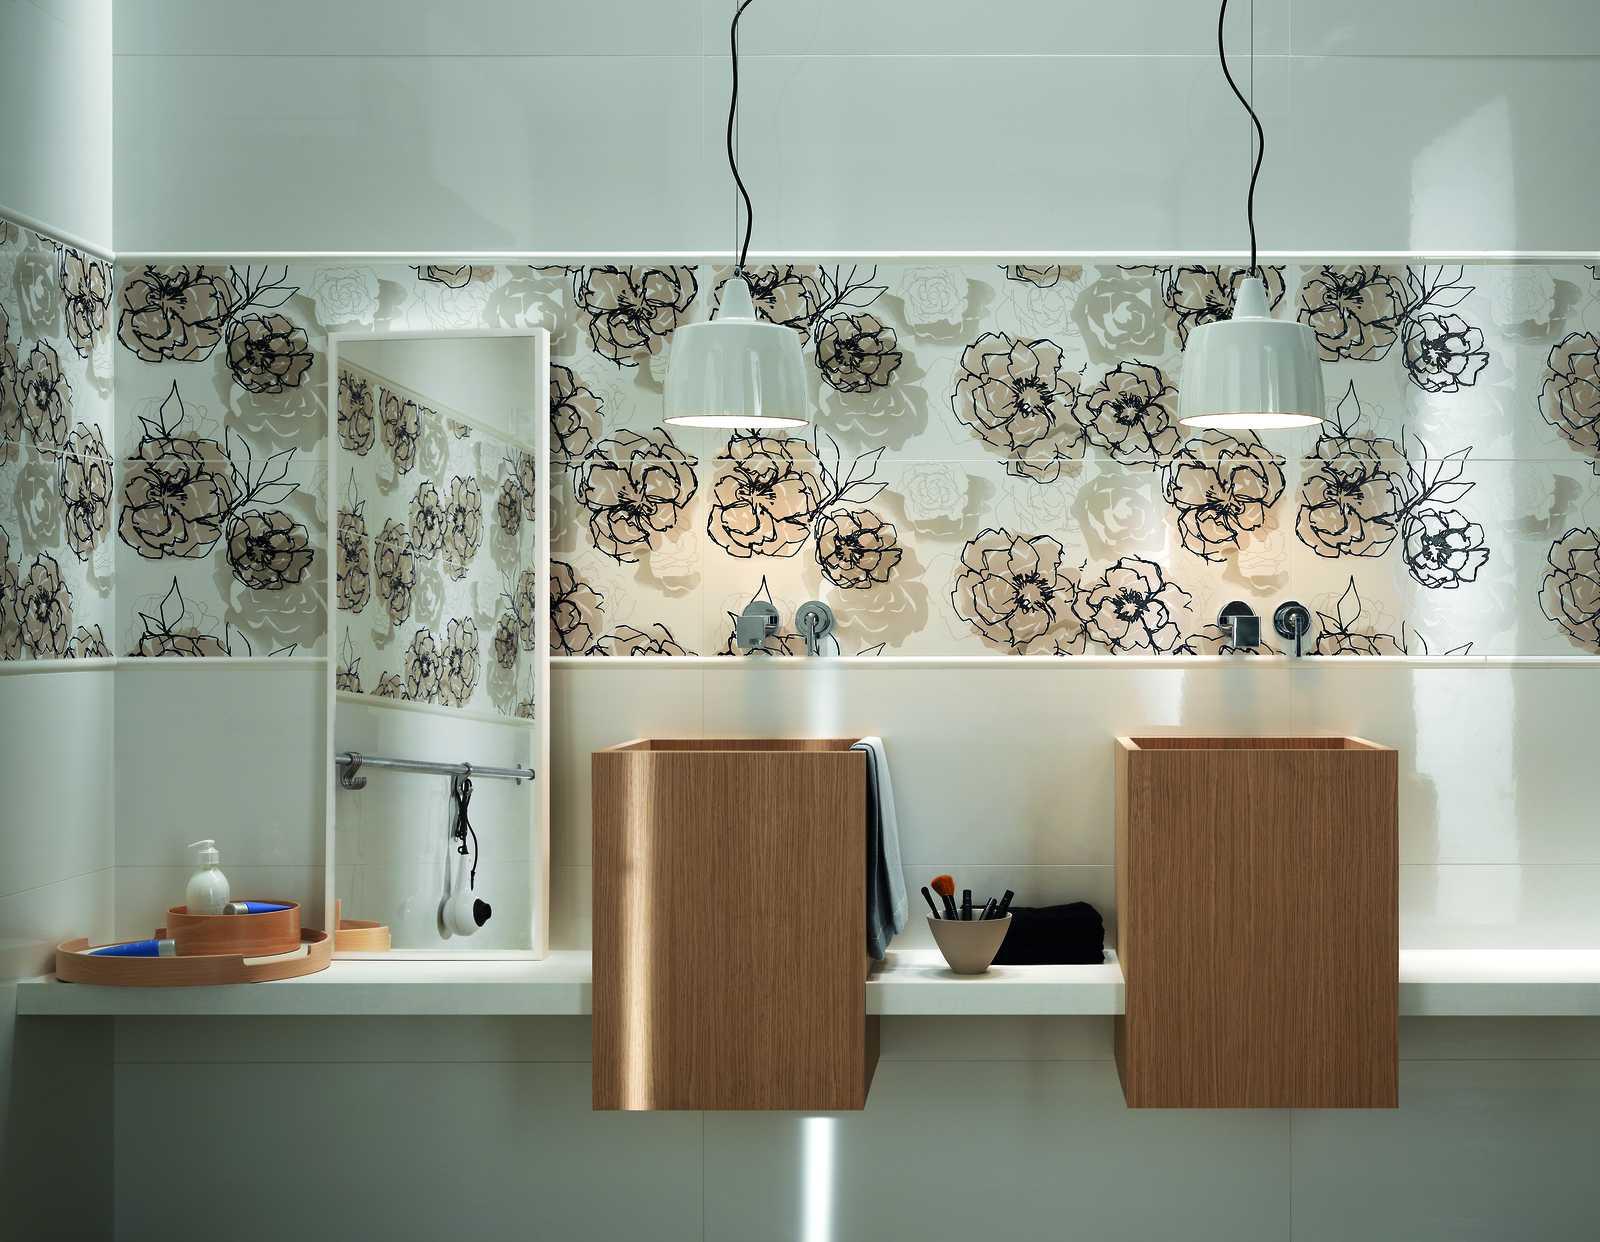 Colorup piastrelle rivestimento pareti marazzi - Piastrelle rivestimento bagno ...